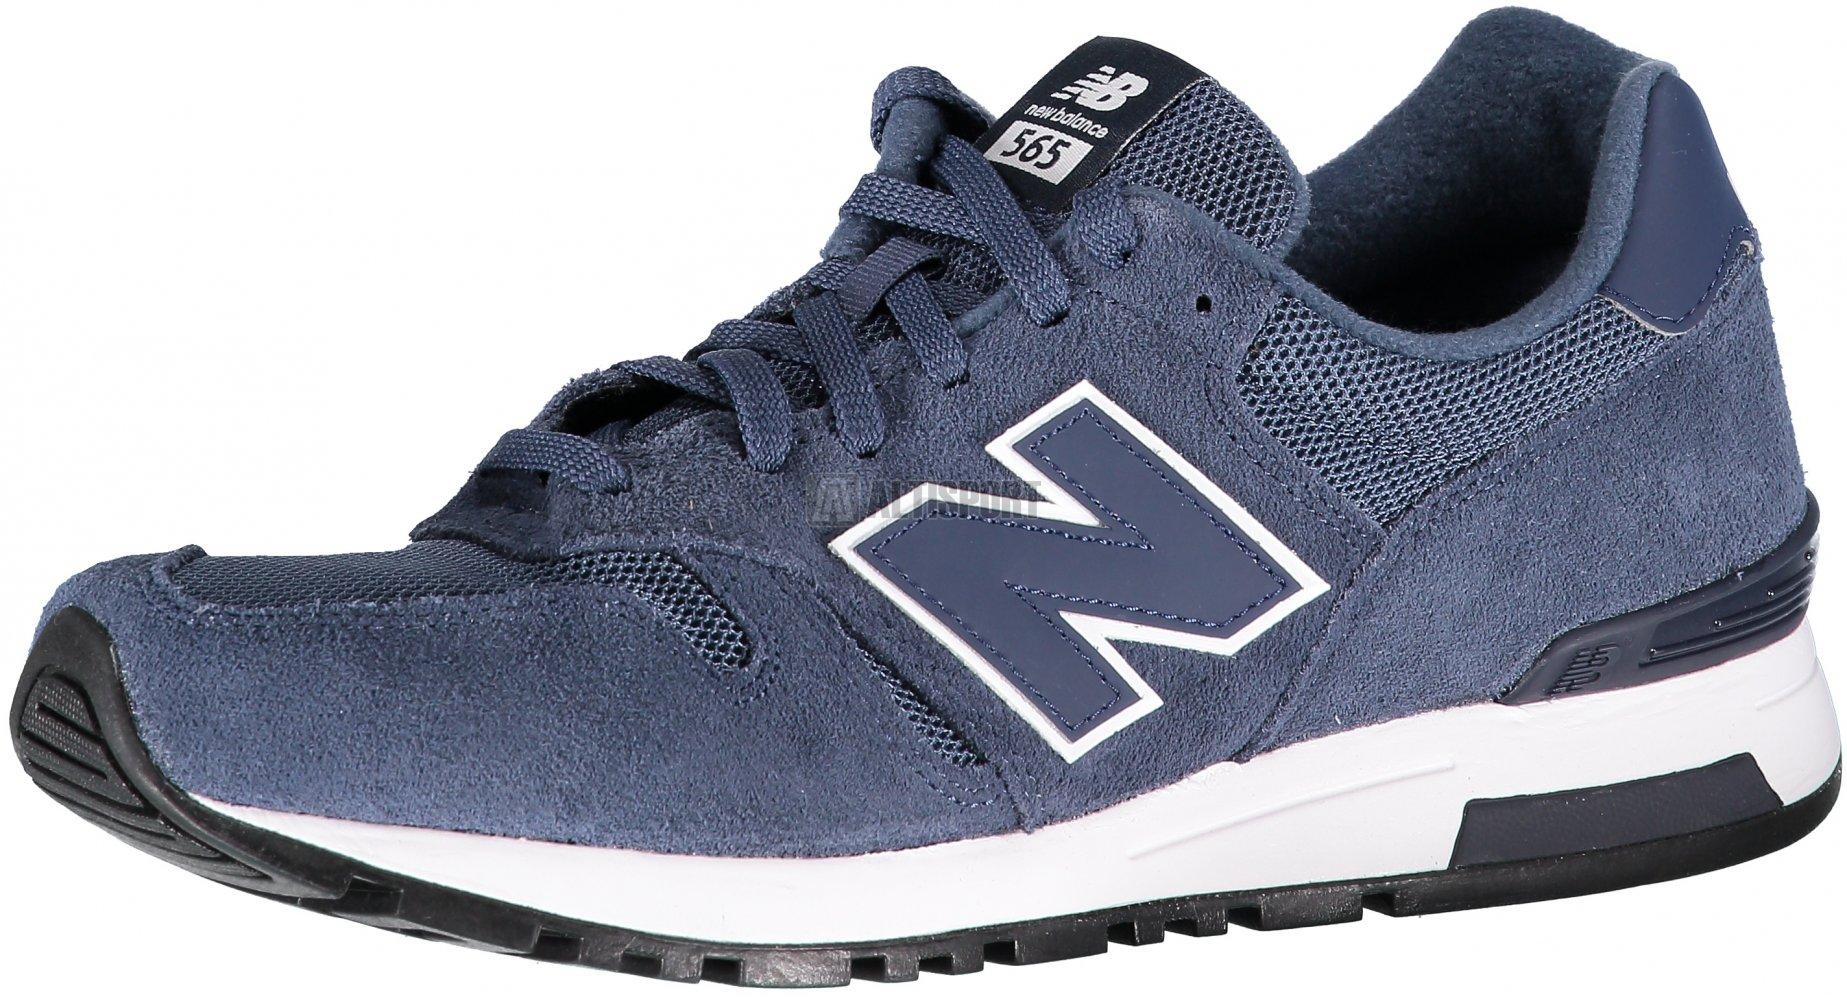 e678edc730a8 Pánská sportovní obuv NEW BALANCE ML565BLN BLUE velikost  EU 46